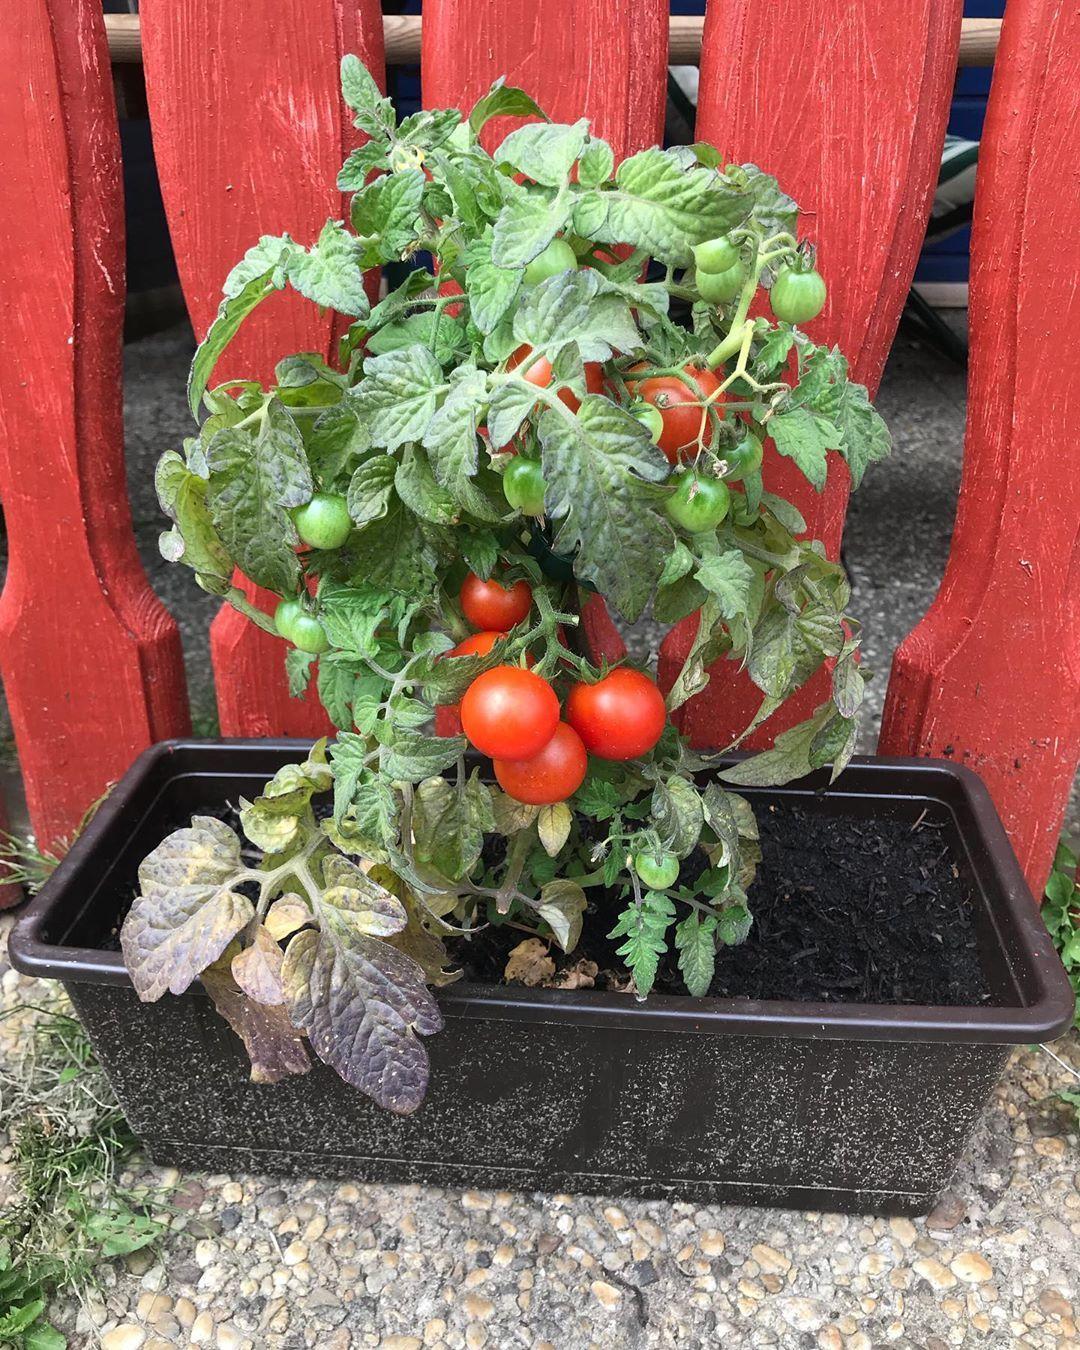 Bereit Zum Ernten Lecker Sind Sie Frische Tomaten Aus Dem Garten Tomaten Tomatenpflanze Stolzaufmich Garten Gart Garten Ideen Garten Gartenverein